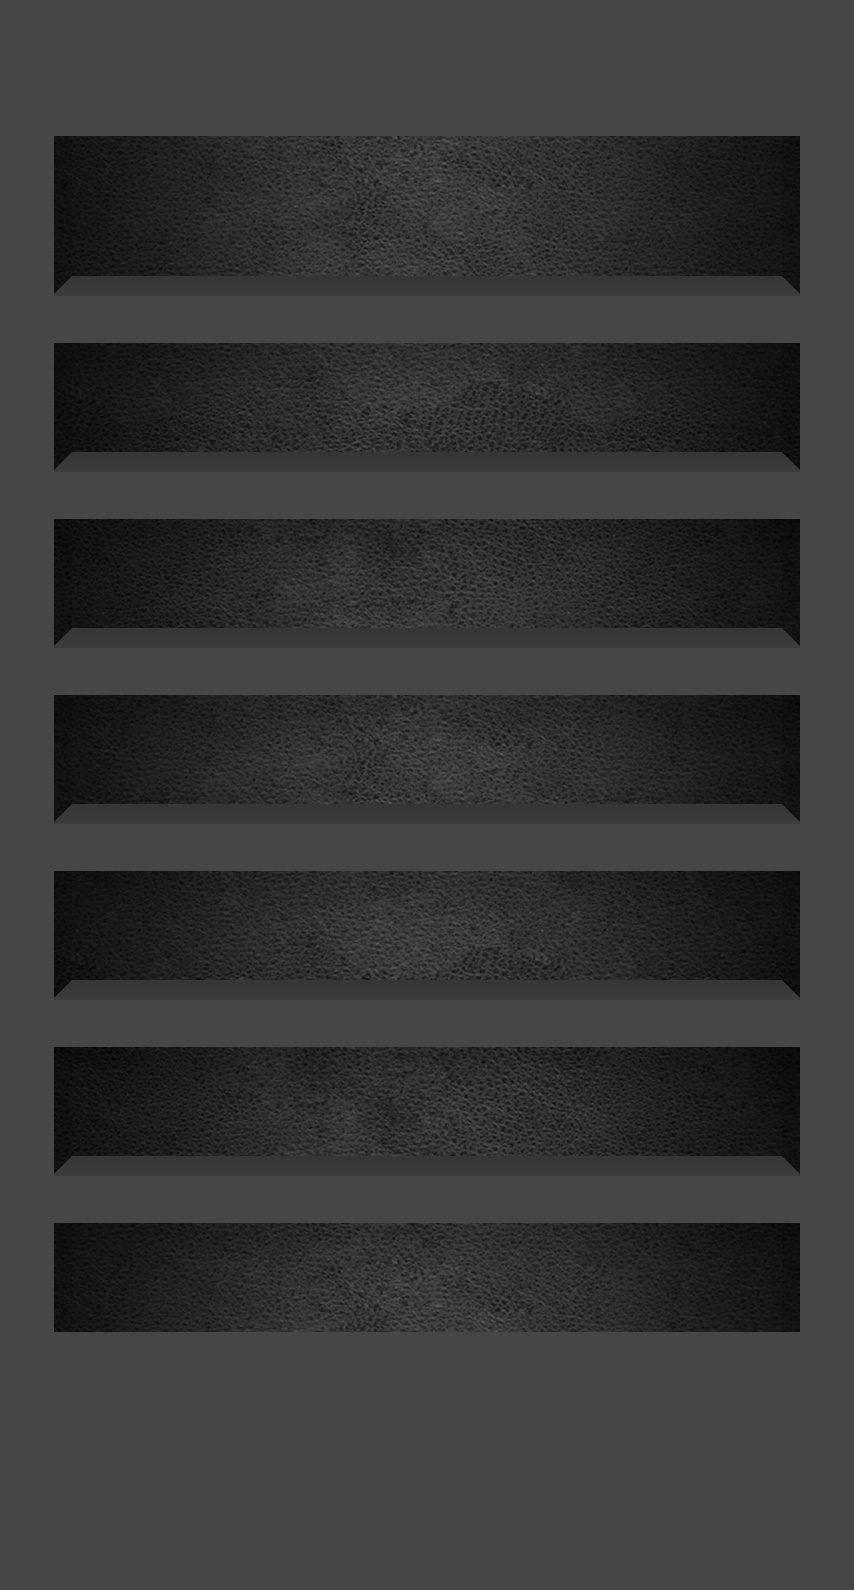 棚木シンプル黒 Wallpaper Sc Iphone8壁紙 Iphone8 壁紙 黒壁紙 黒の壁紙